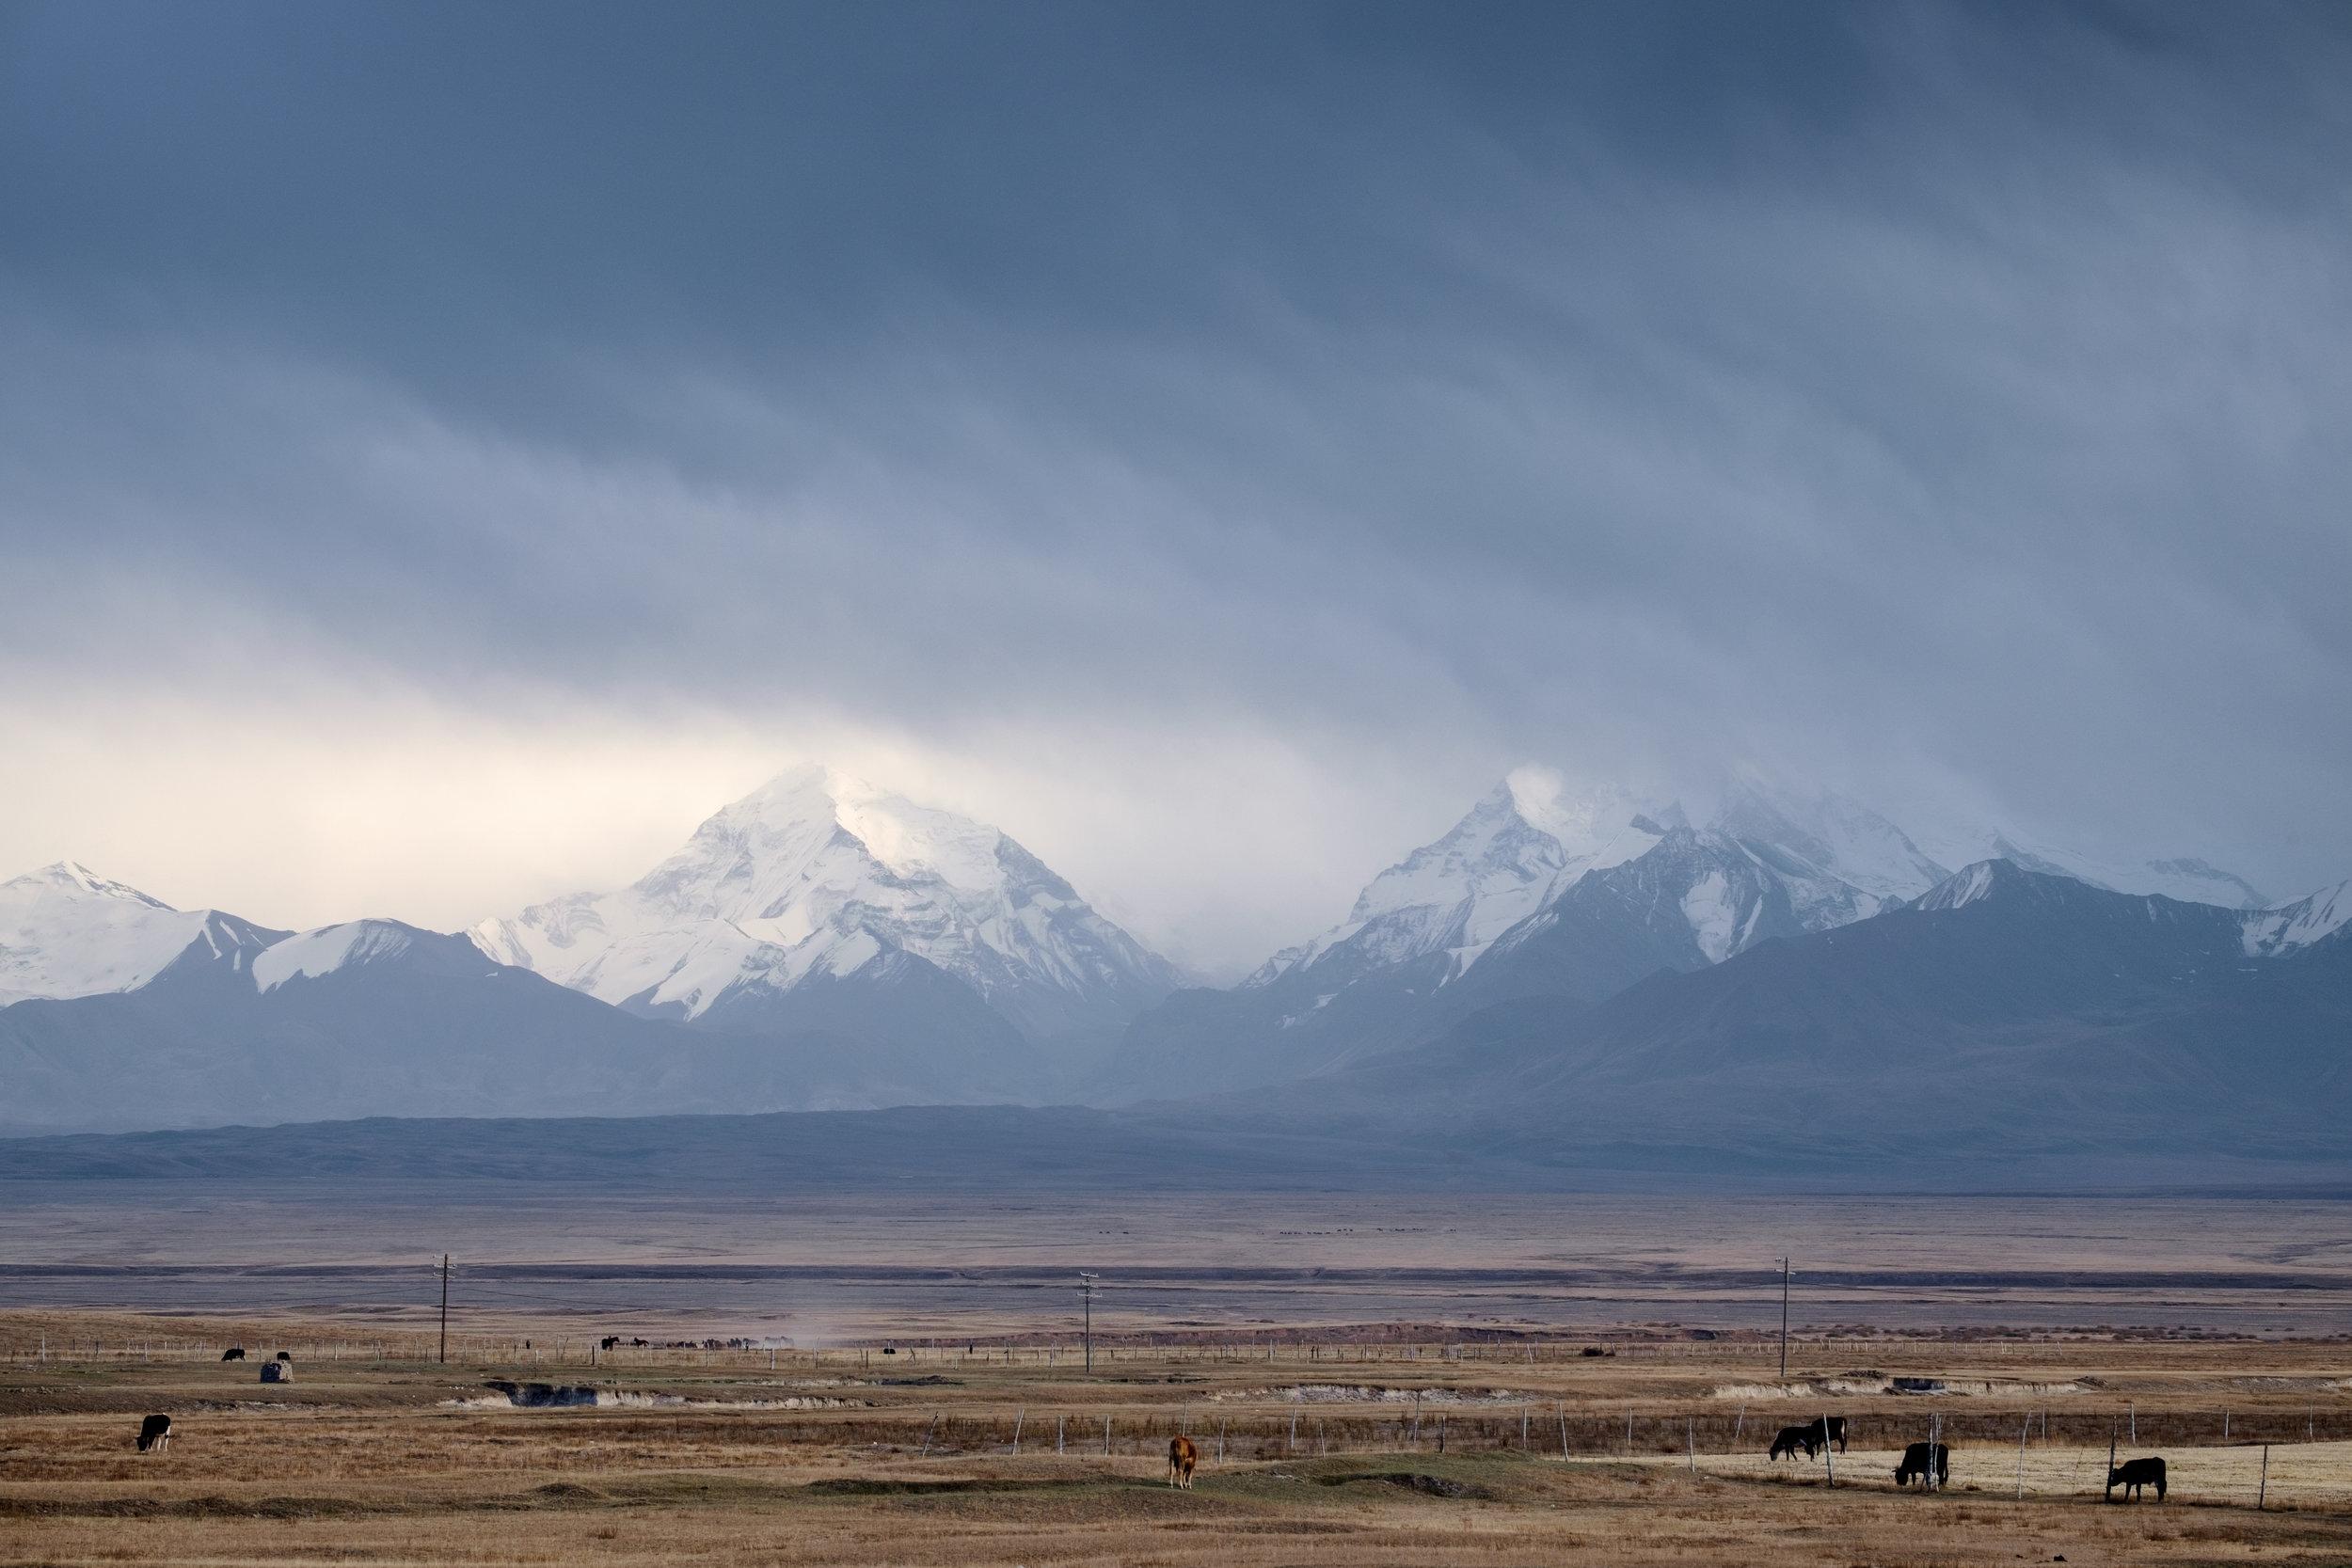 L'arrivée au Kirghizistan, laissant le Pamir derrière.